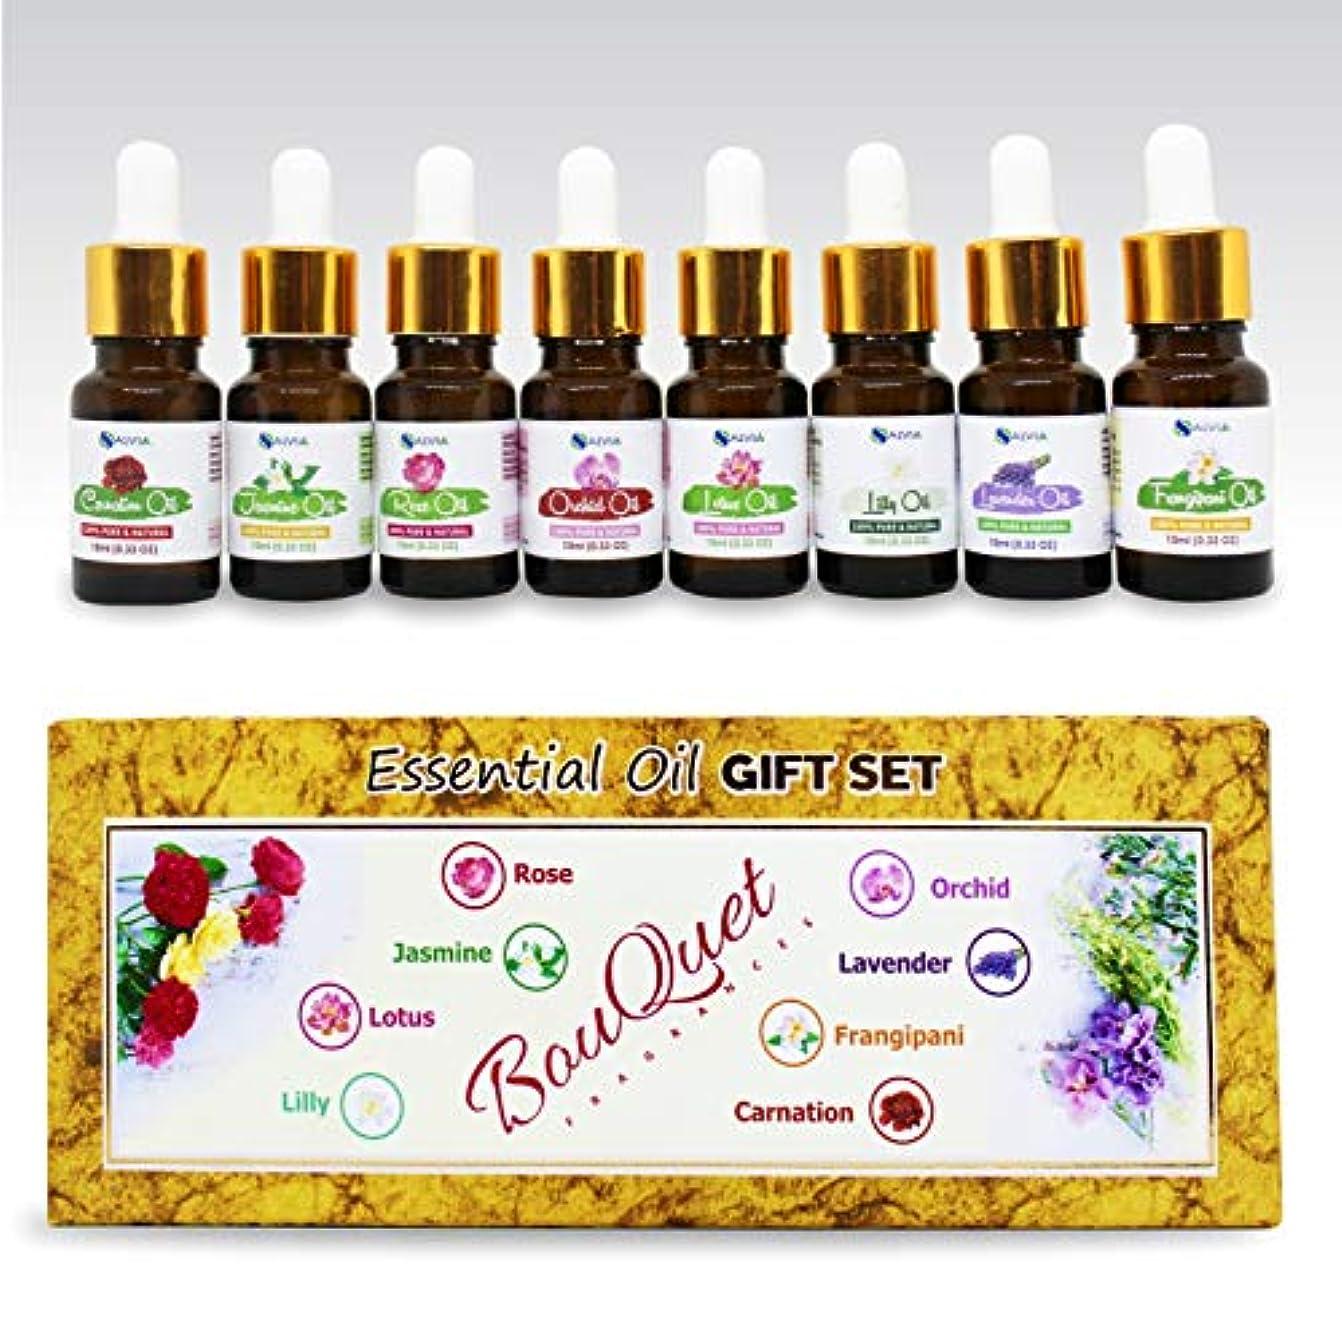 嵐の姿勢ボンドAromatherapy Fragrance Oils - Pack of 8 Essential Oils 100% Pure & Natural Therapeutic Oils - 10 ML each (Rose, Jasmine, Lotus, Lilly, Orchid, Lavender, Frangipani, Carnation) Bouquet Set